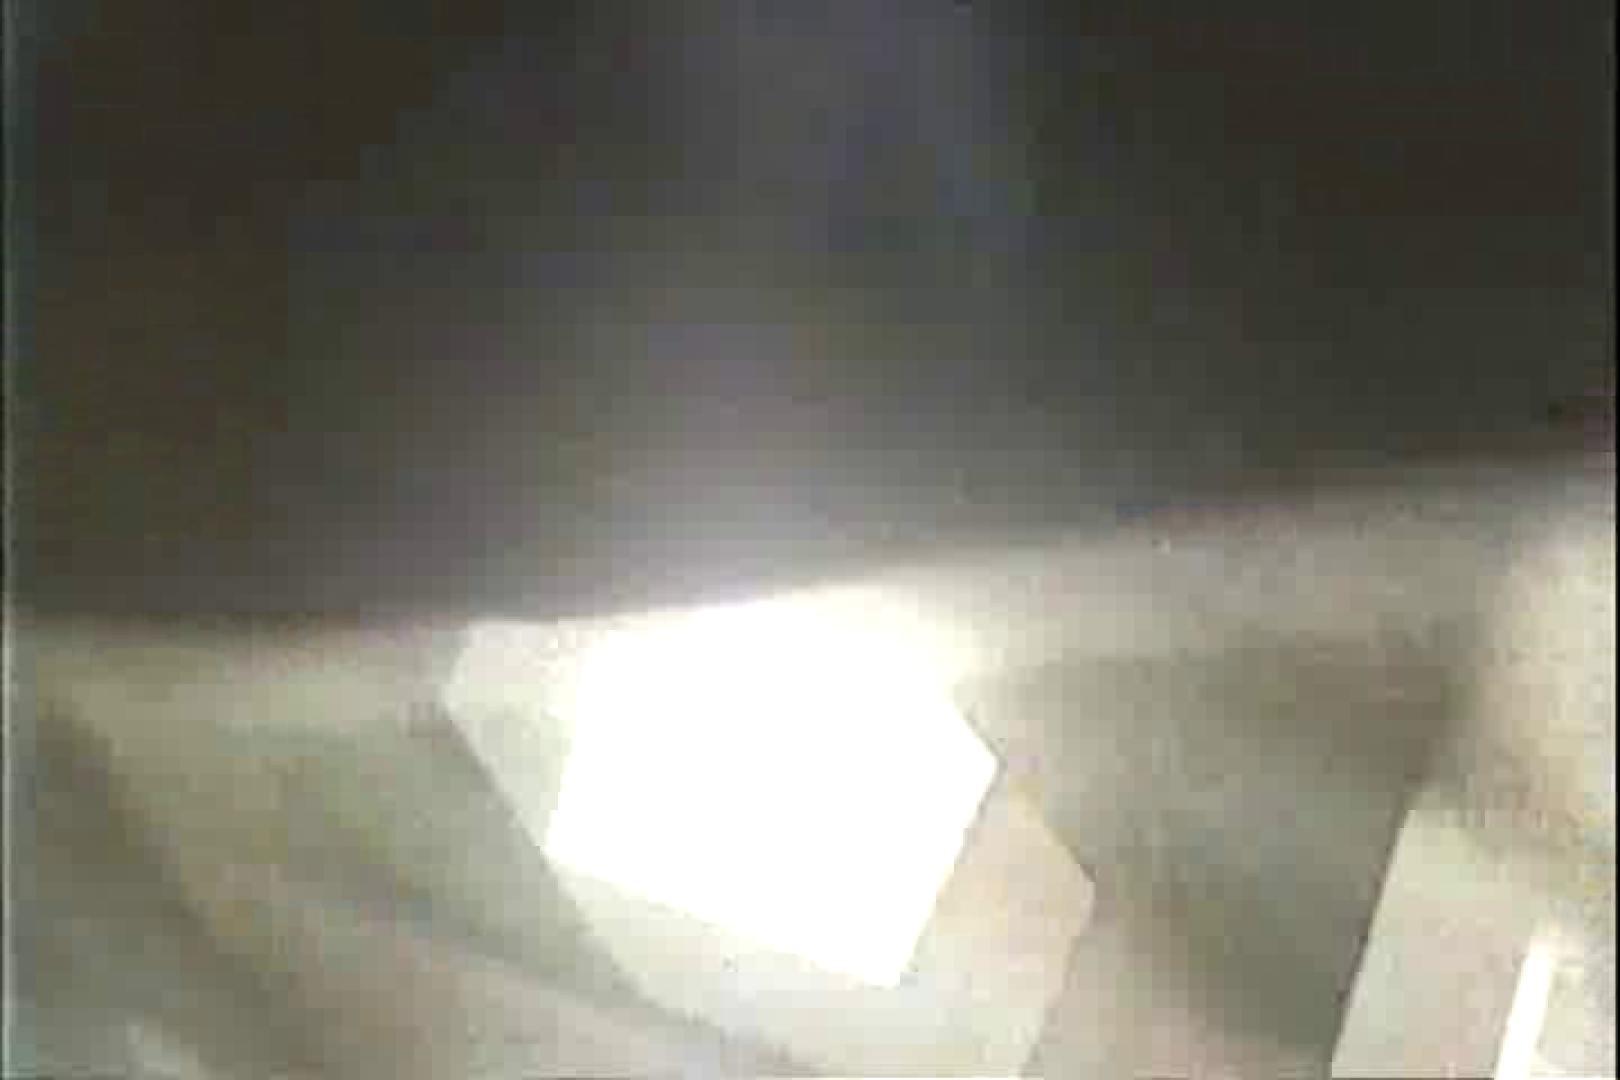 「ちくりん」さんのオリジナル未編集パンチラVol.3_01 お姉さんヌード | ぱっくり下半身  100画像 19